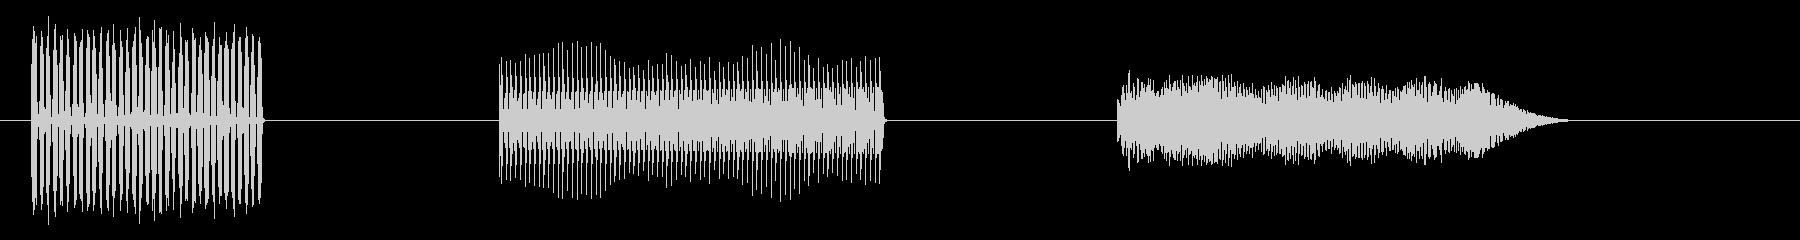 電子ヘビーラピッドパルスバースト;...の未再生の波形